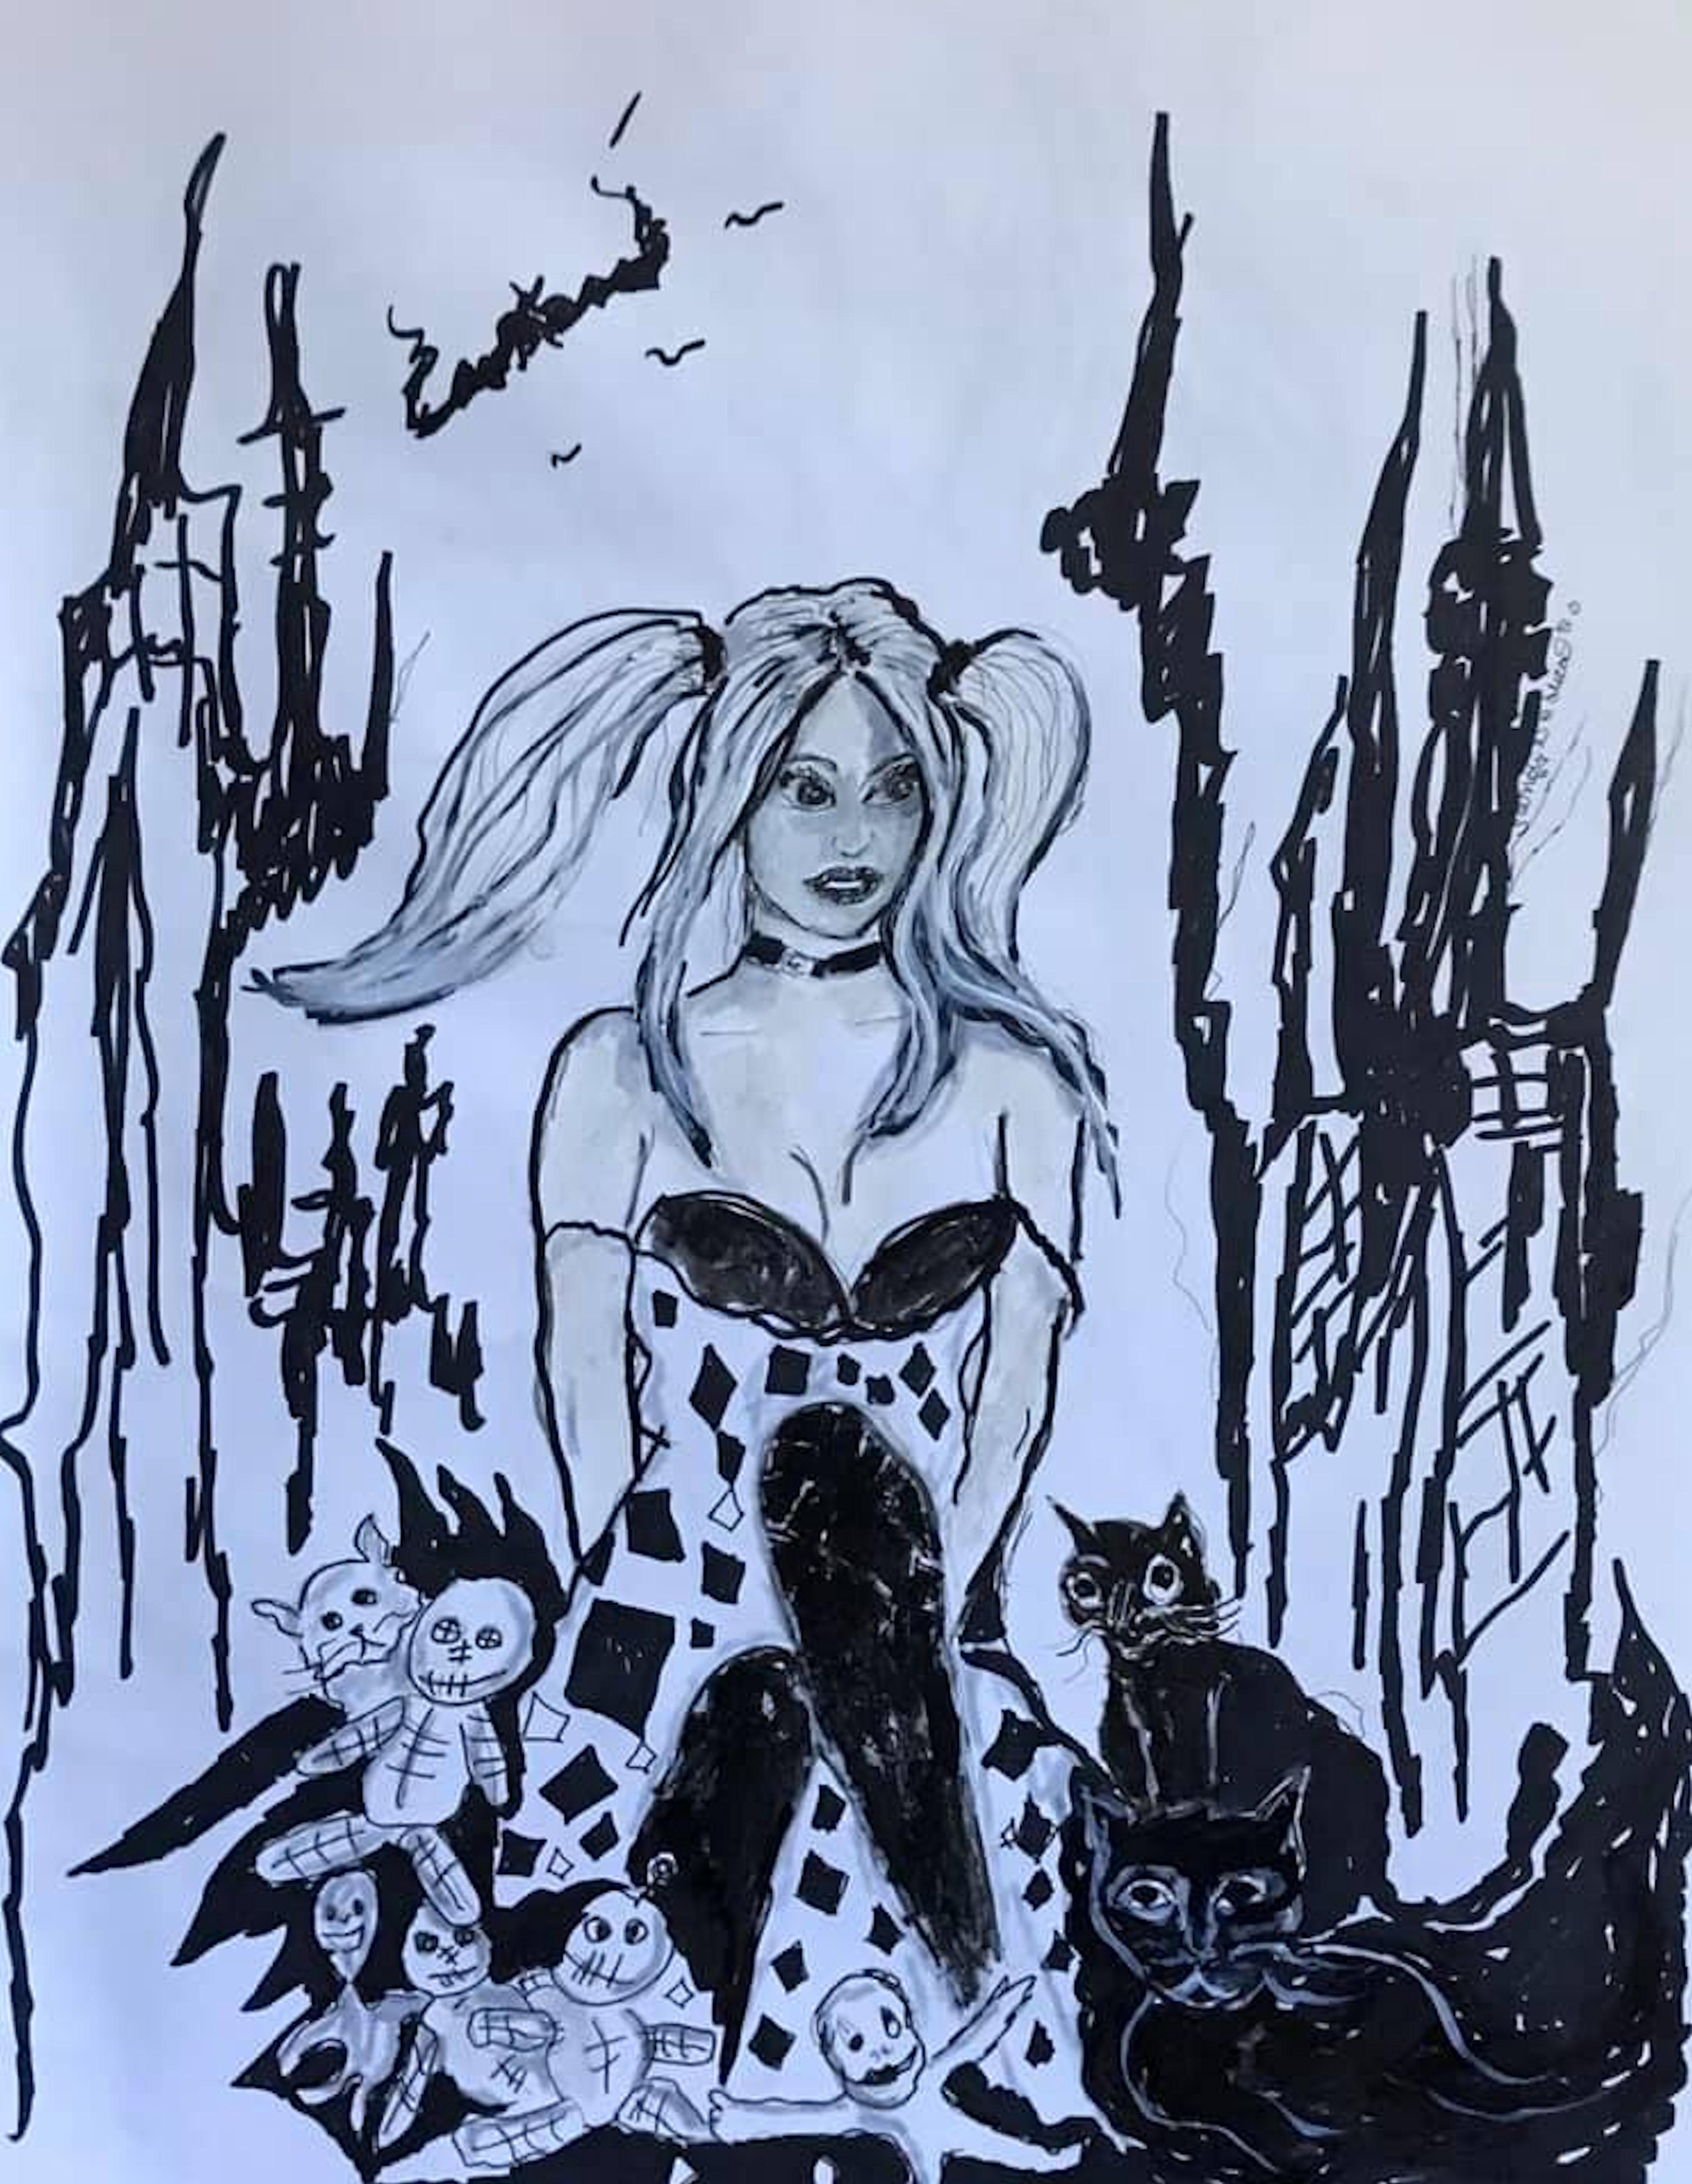 Harley Voodoo